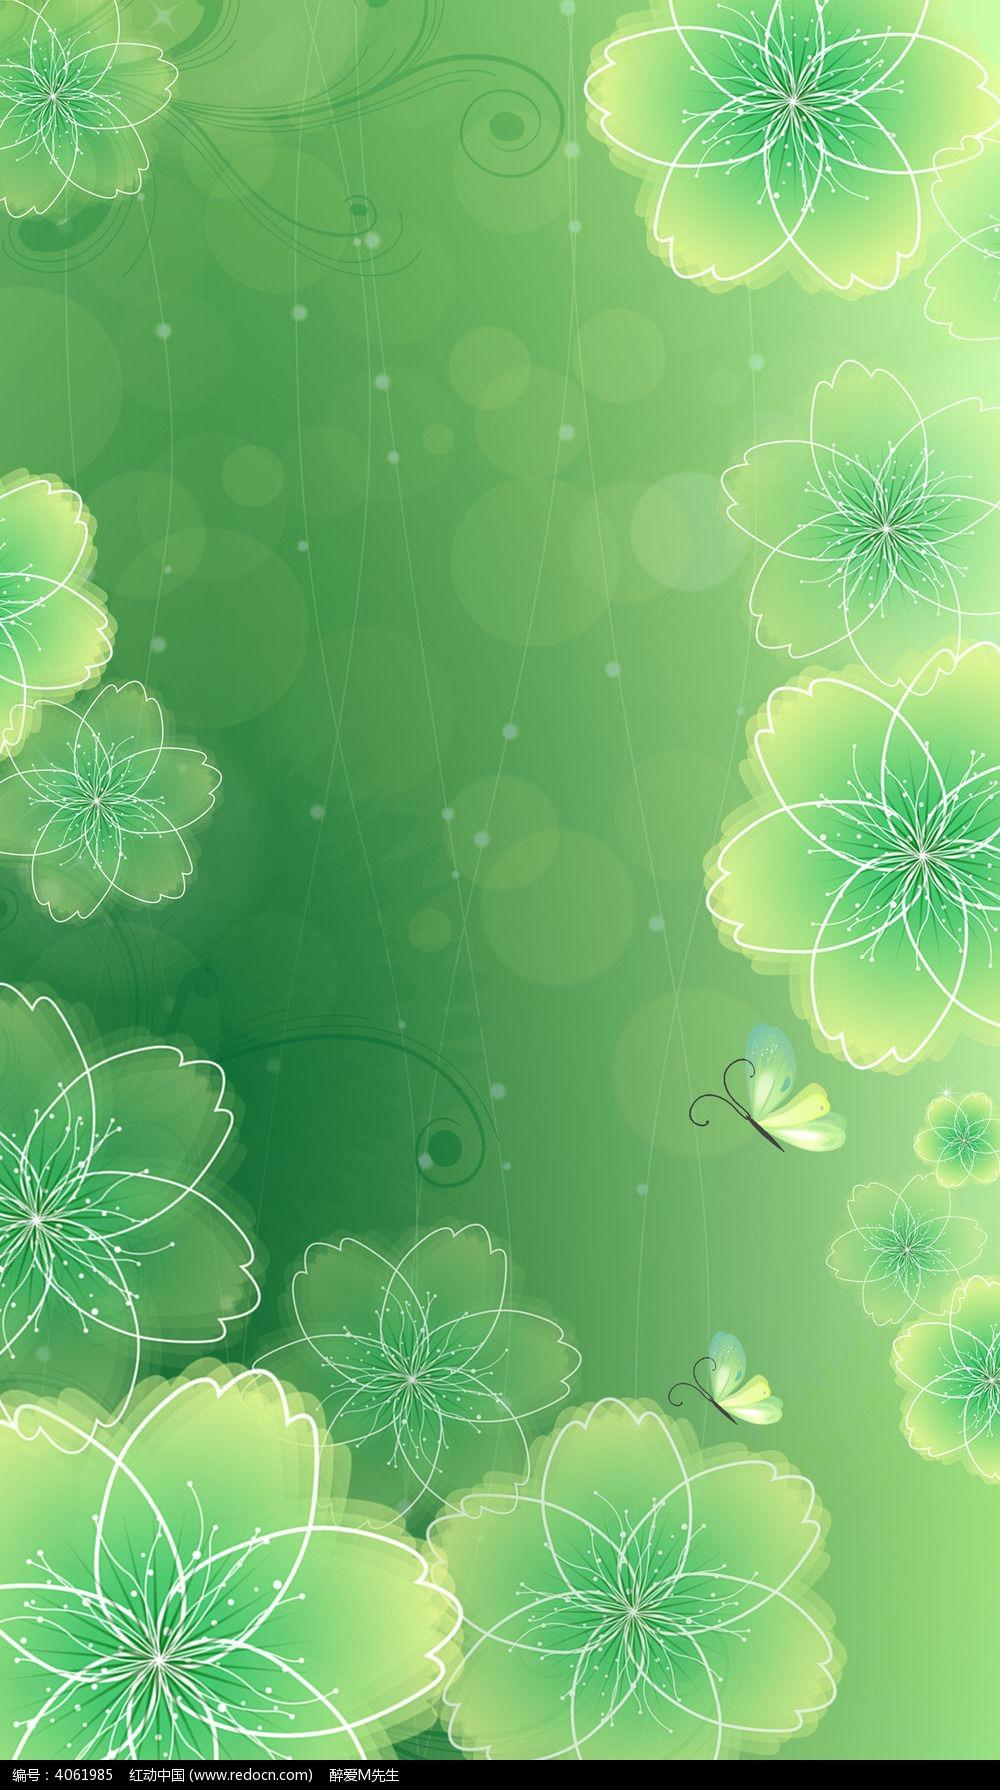 春天绿色背景素材psd